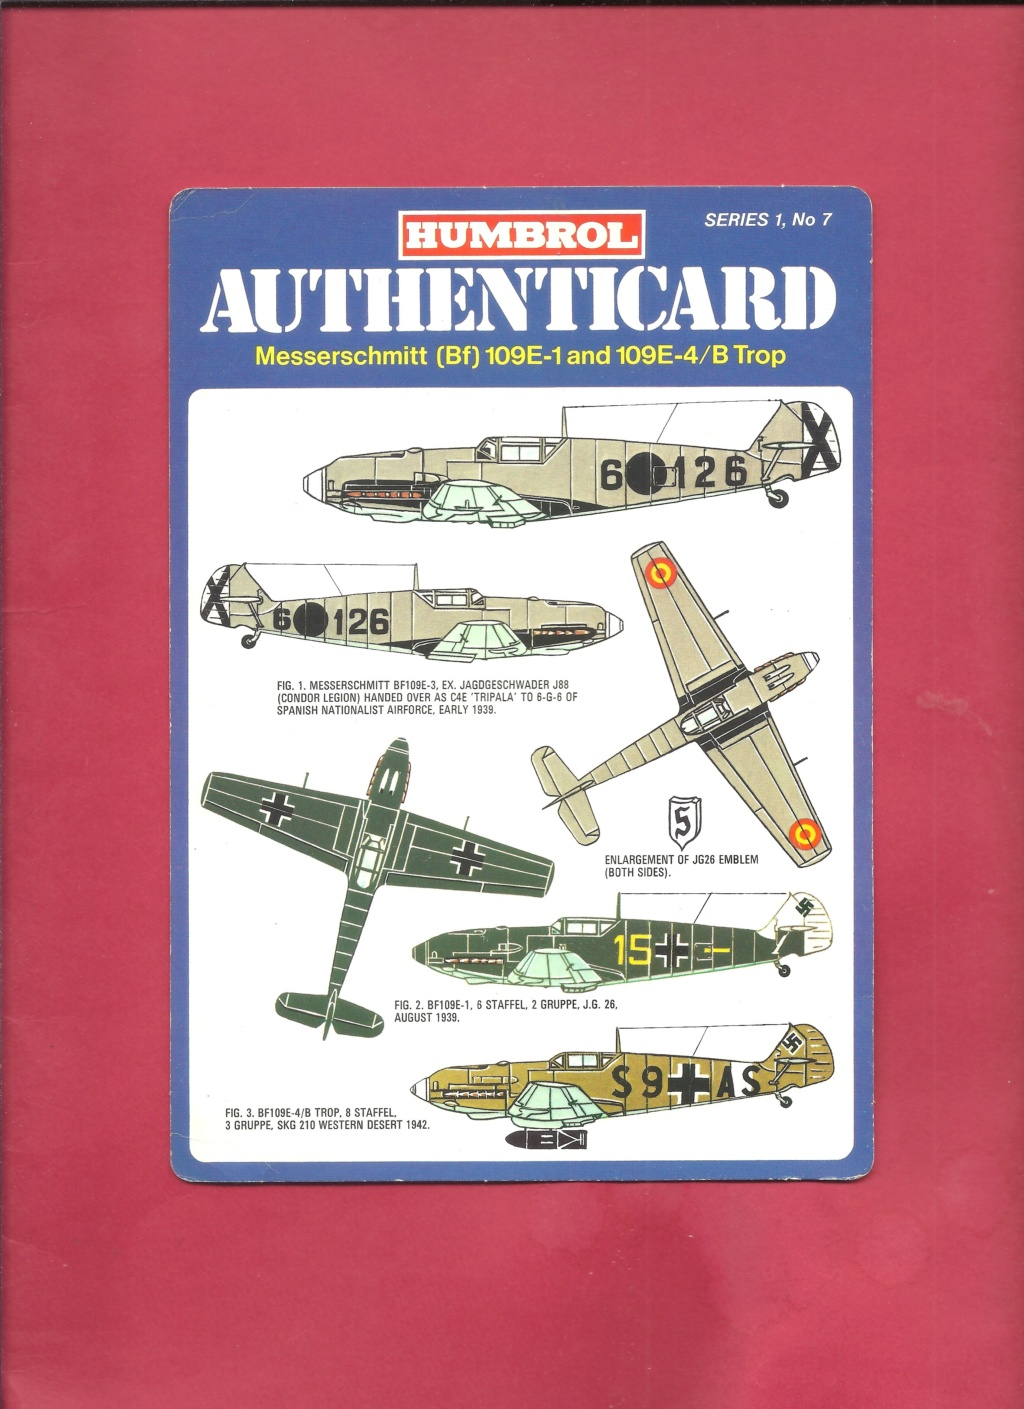 [HUMBROL 1975] AUTHENTICARD Series 1 n°7 MESSERSCHMITT Bf 109 E-1 & 109 E-4 Trop  Humbro12